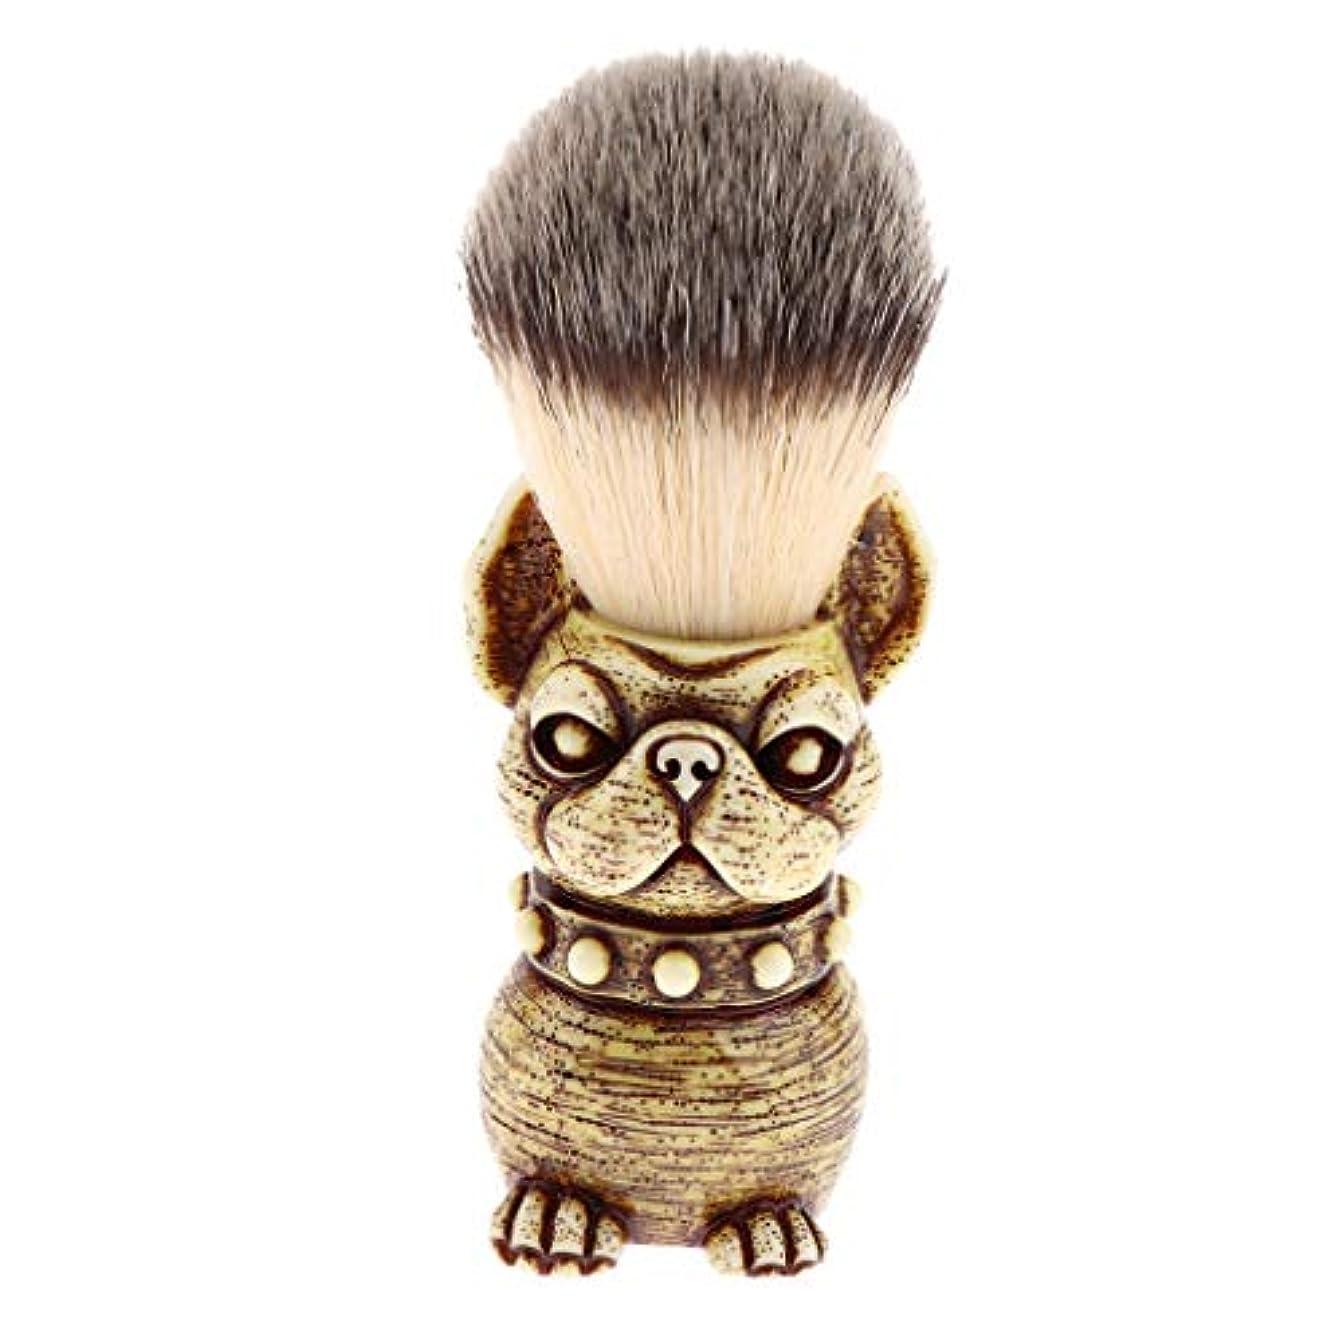 命題どきどき失人の理髪師の剃ること、子犬の形のための樹脂のハンドルアナグマの毛の剃るブラシ